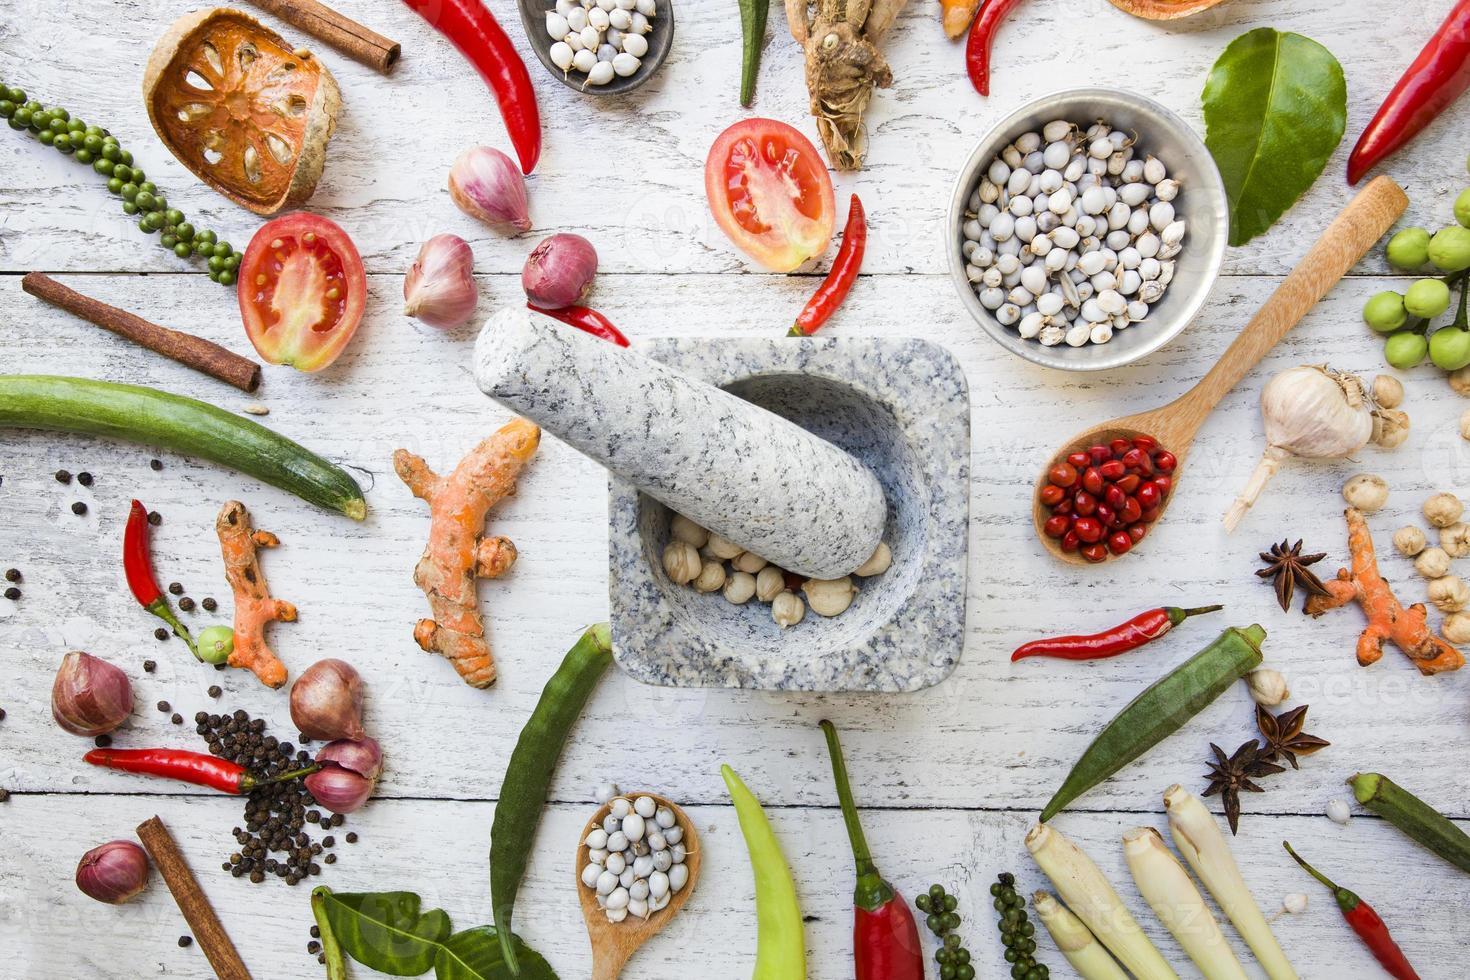 Thai food ingredients, vegetable, spicy taste photo